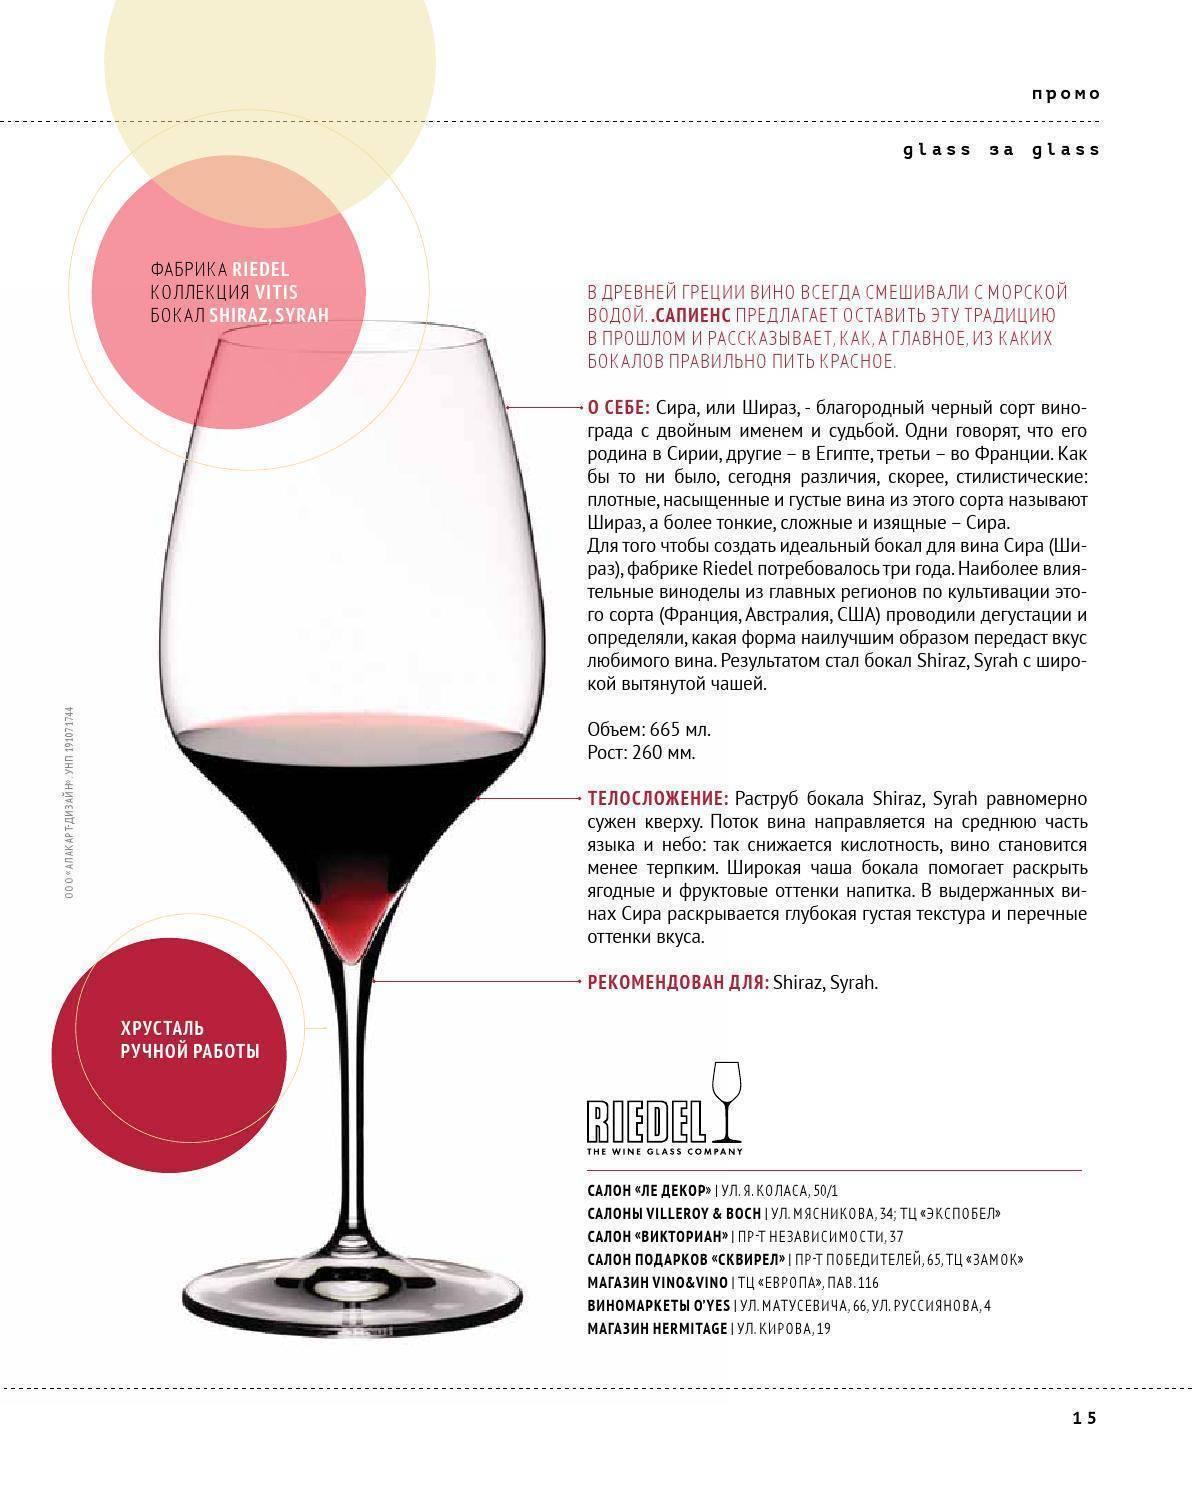 Главная / винная арифметика. 9 стилей вина / просто о вине / материалы/статьи